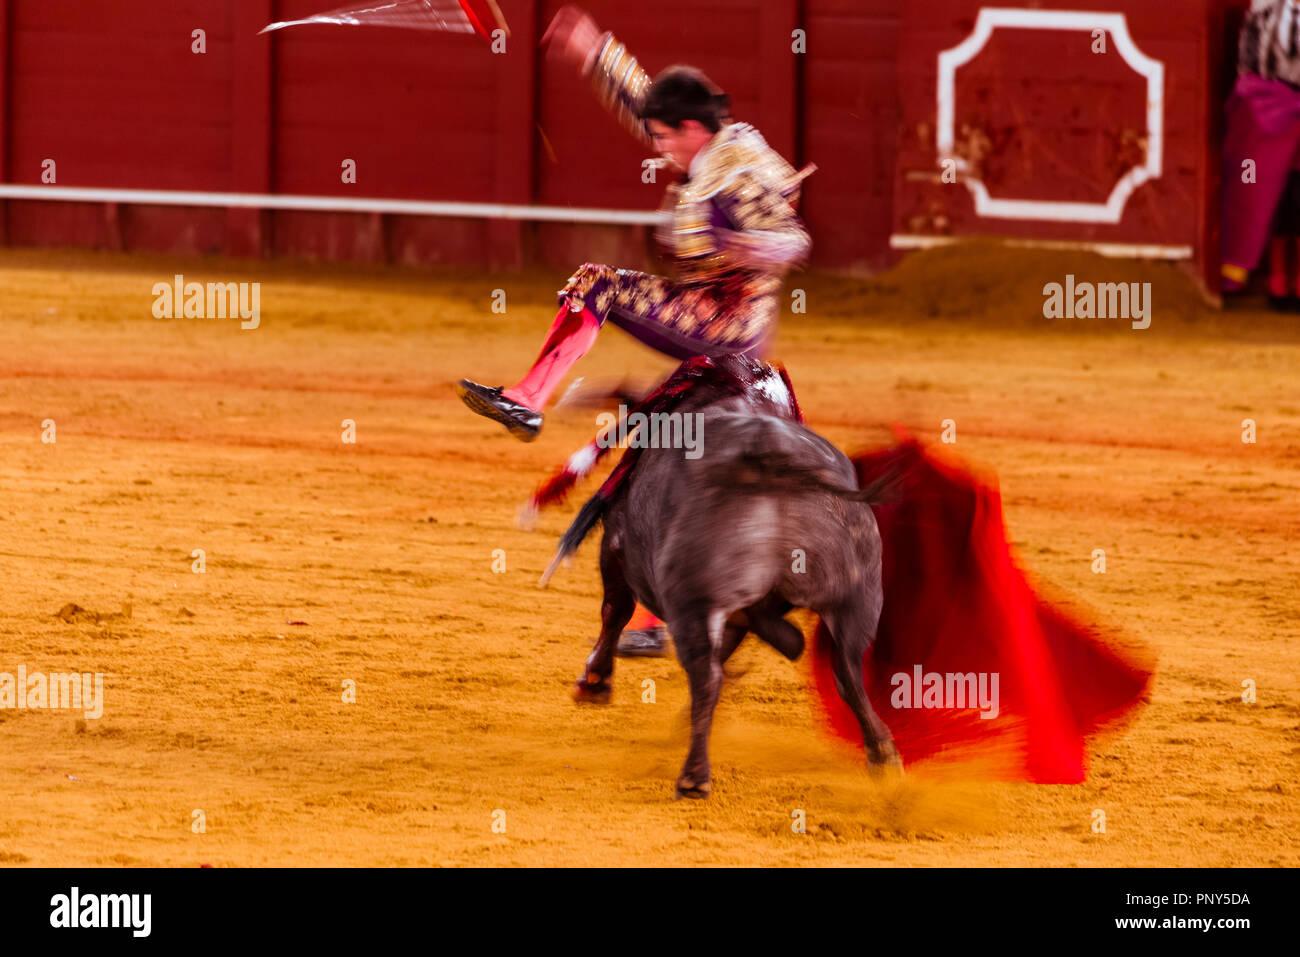 Bullfighter Clothing Imágenes De Stock   Bullfighter Clothing Fotos ... 9780bc7f616